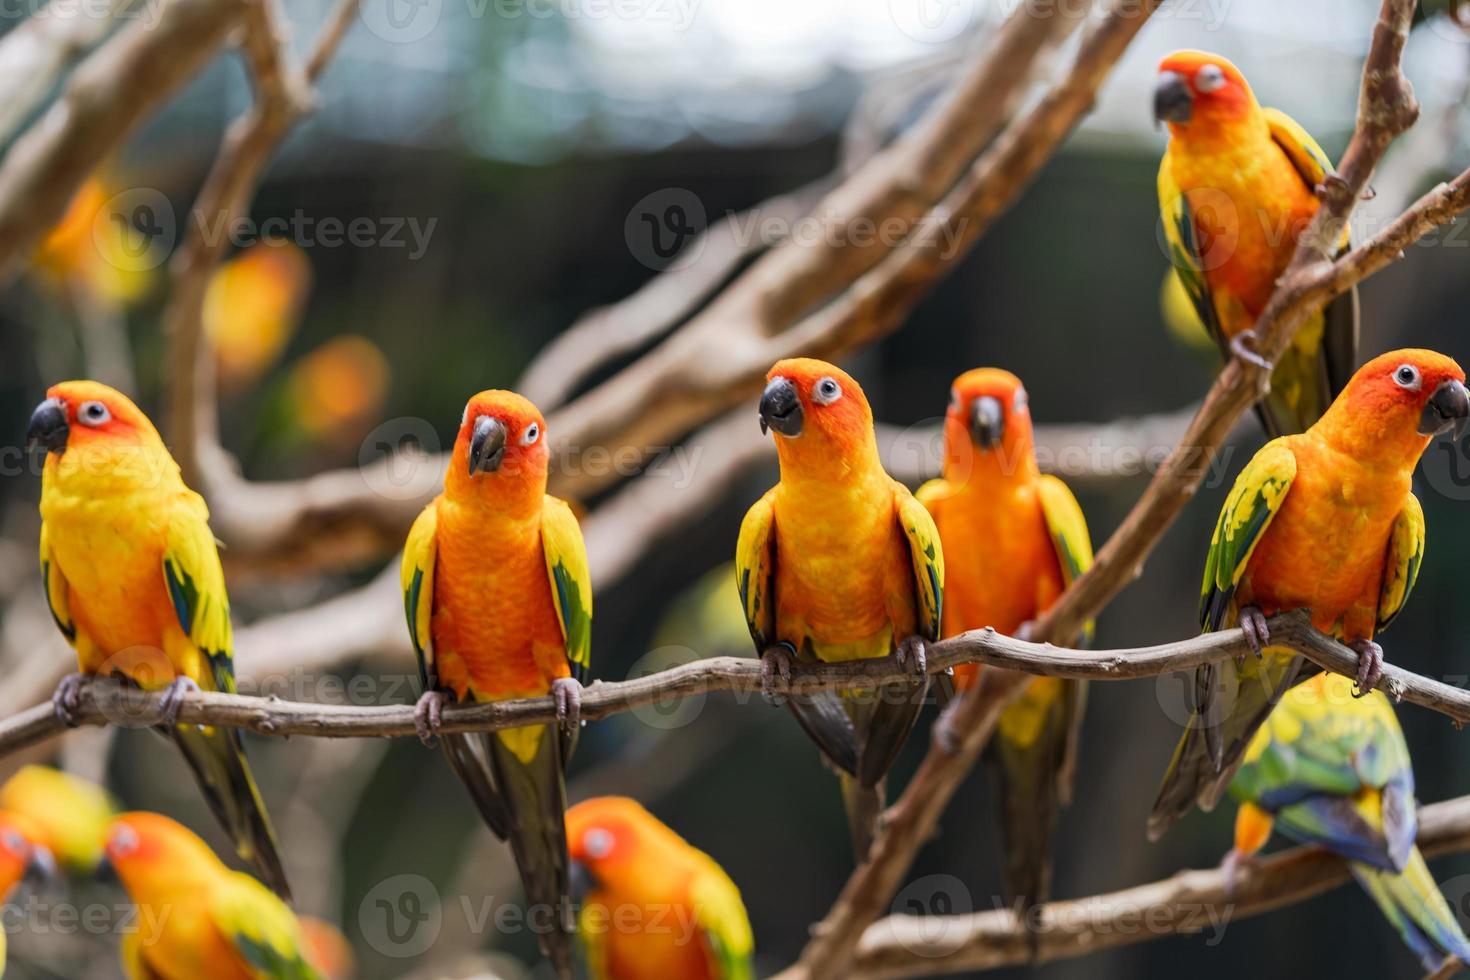 papagaios conure sol vibrante foto